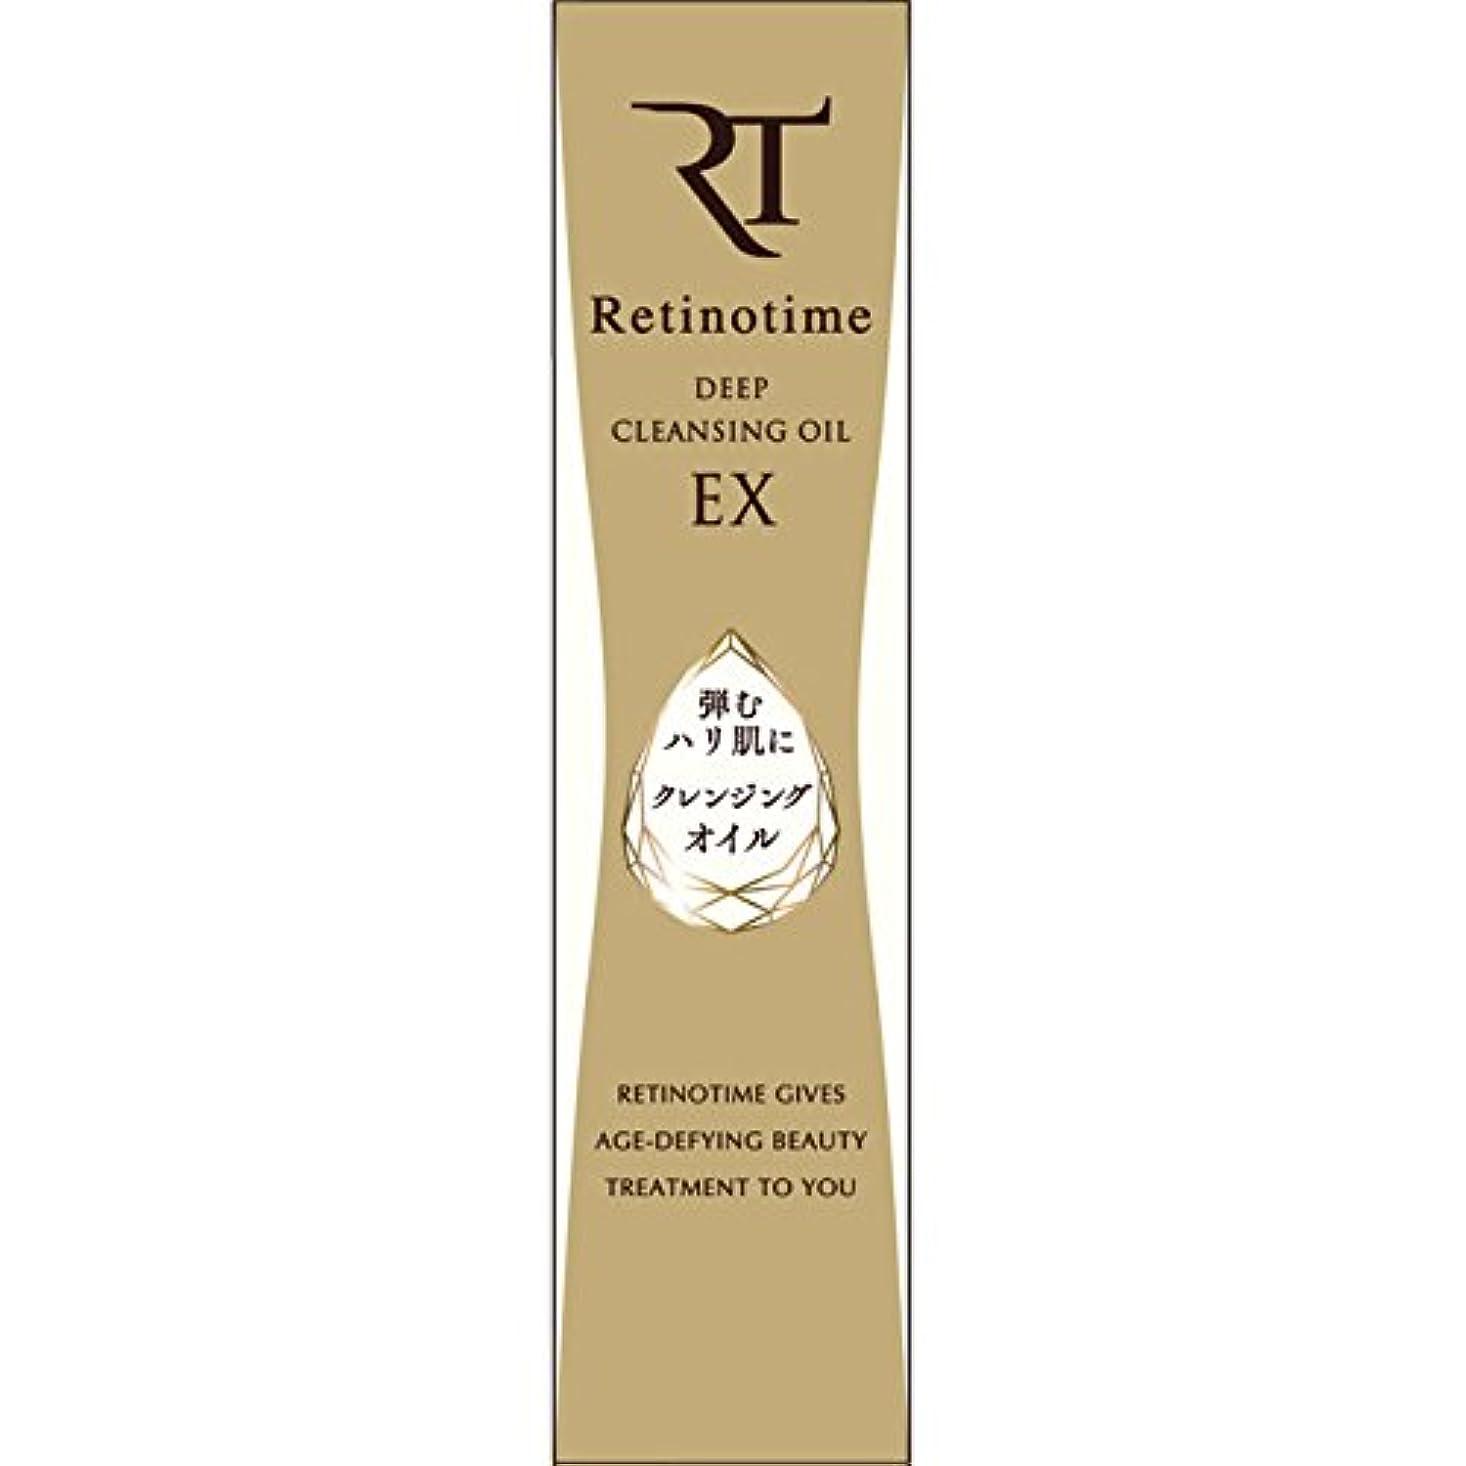 麺同封するバーゲンナリス化粧品 レチノタイム ディープクレンジングオイル EX 150ml